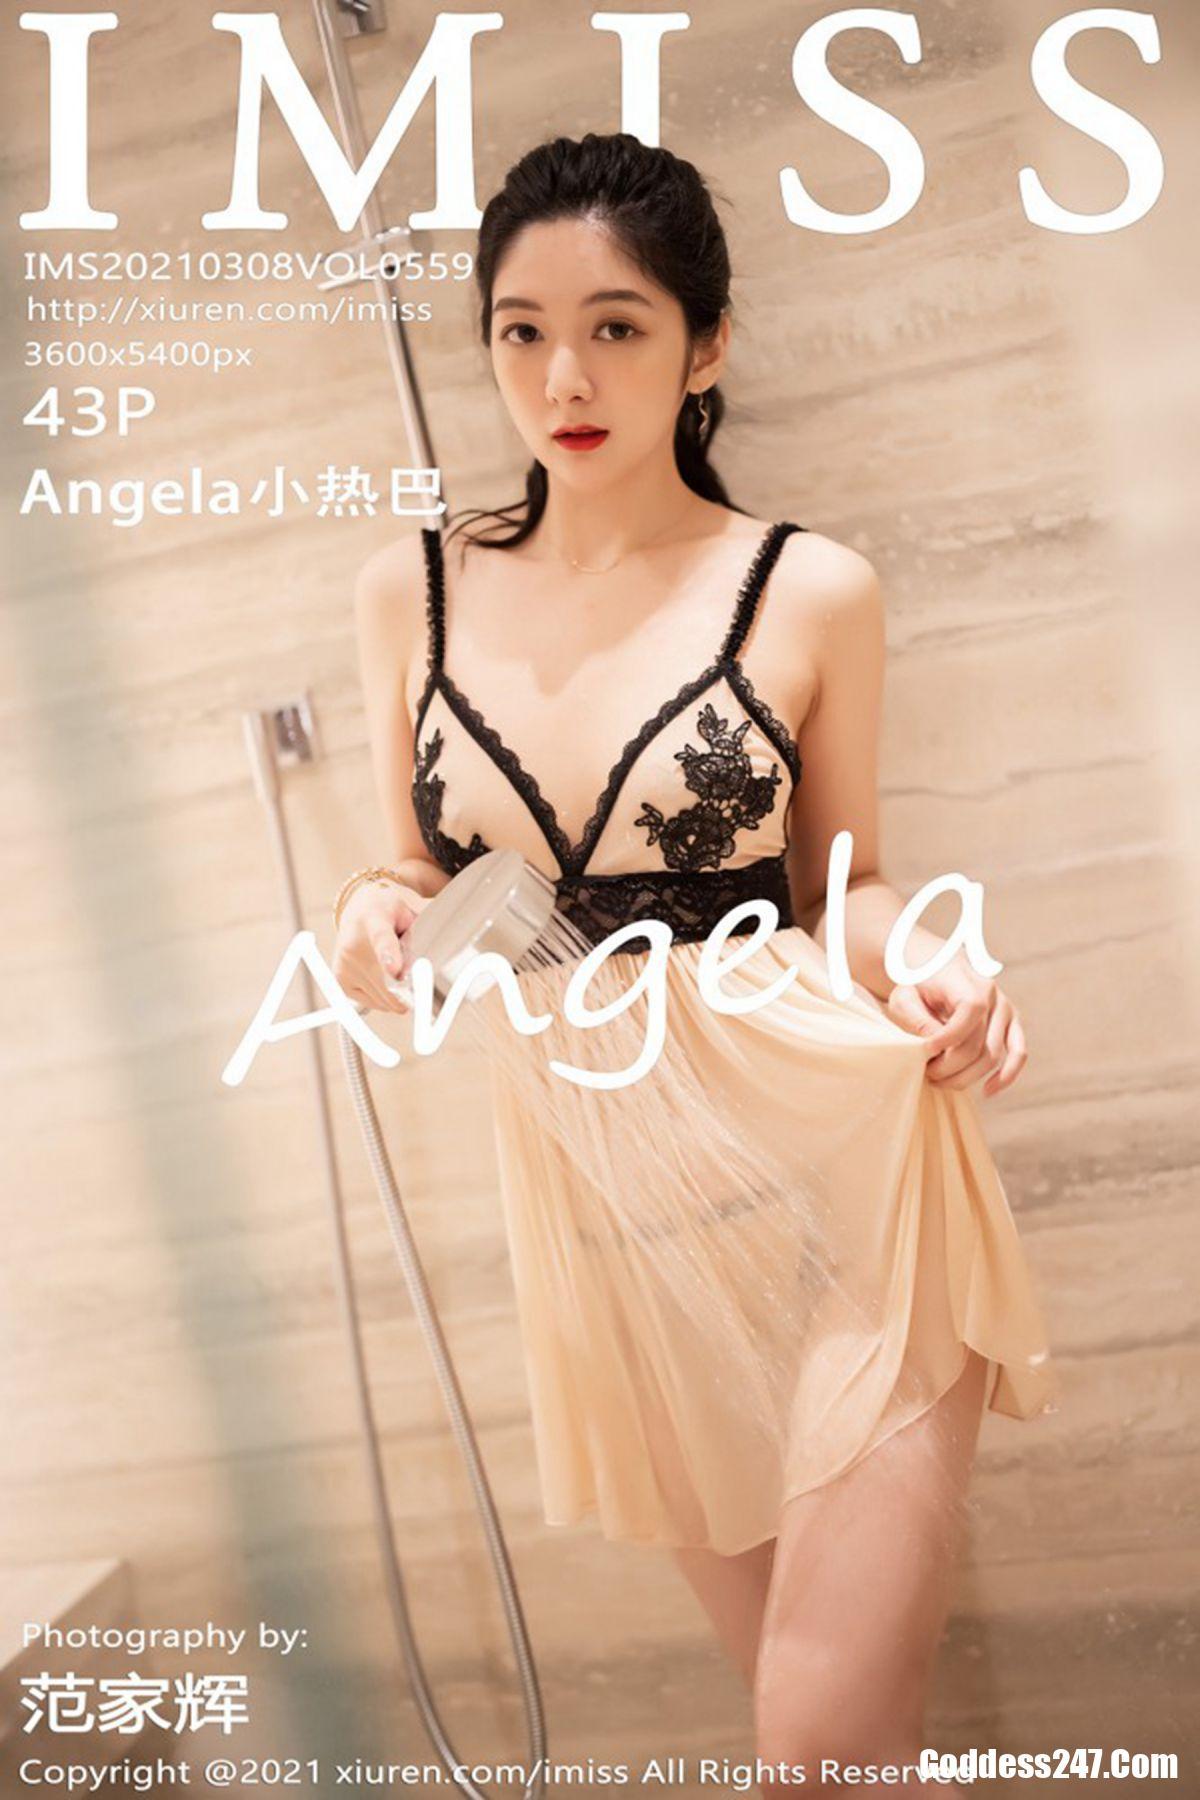 IMiss爱蜜社 Vol.559 Angela小热巴